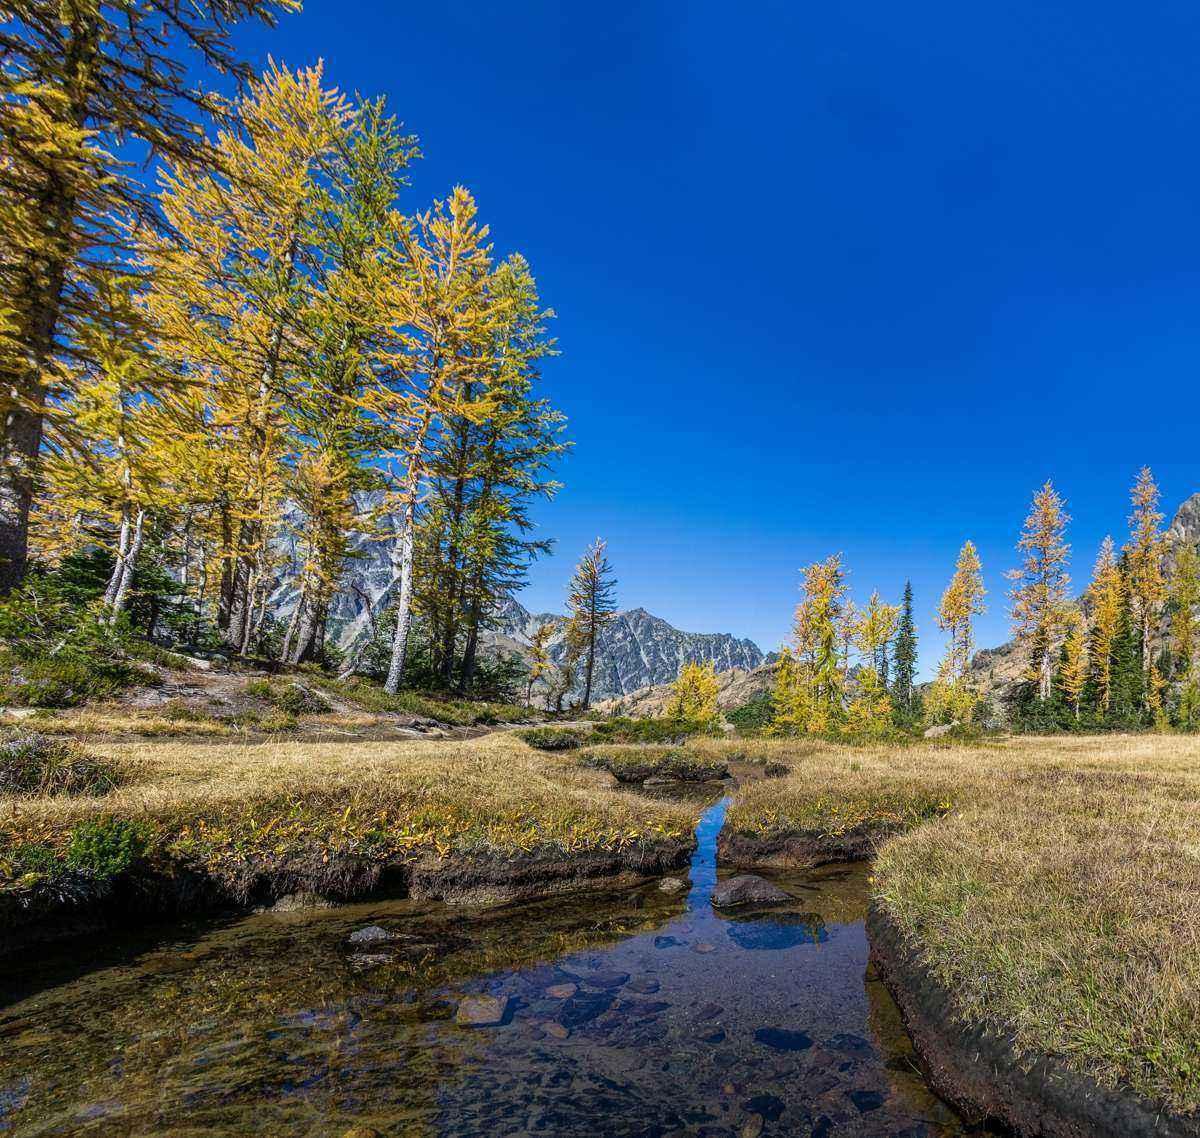 лес, горы, голубое небо, чистый ручей, прозрачный ручеек,